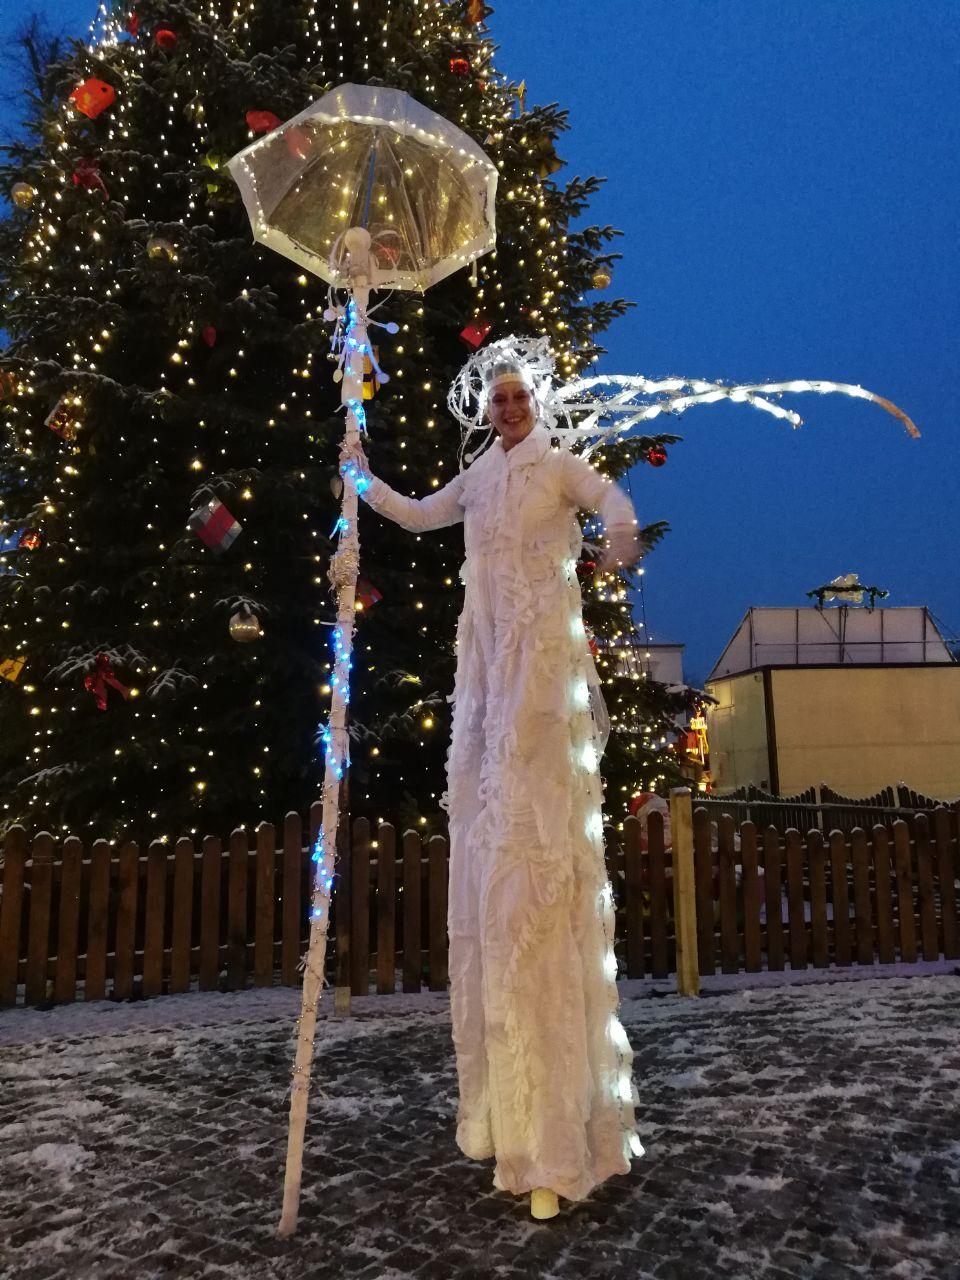 Eiskönigen in Oranienburg Stelzenfiguren und ein geheimnisvoller Märchenwald begeisterten die jungen Besucher auf dem Weihnachtsgans-Auguste-Markt